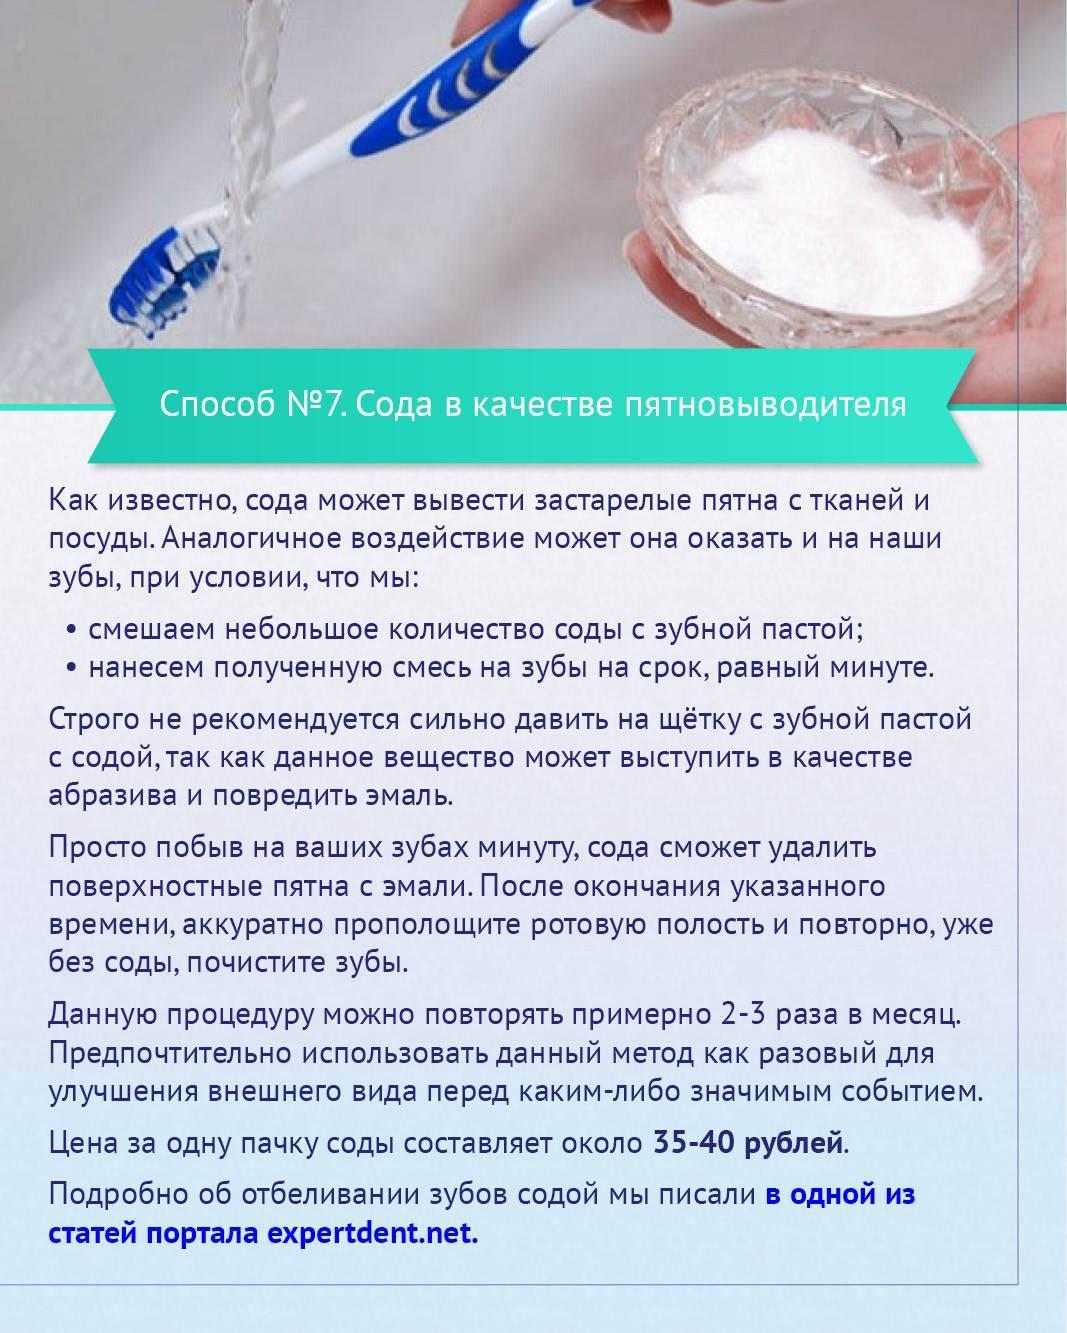 Сода для лица — чистка и отбеливание в домашних условиях